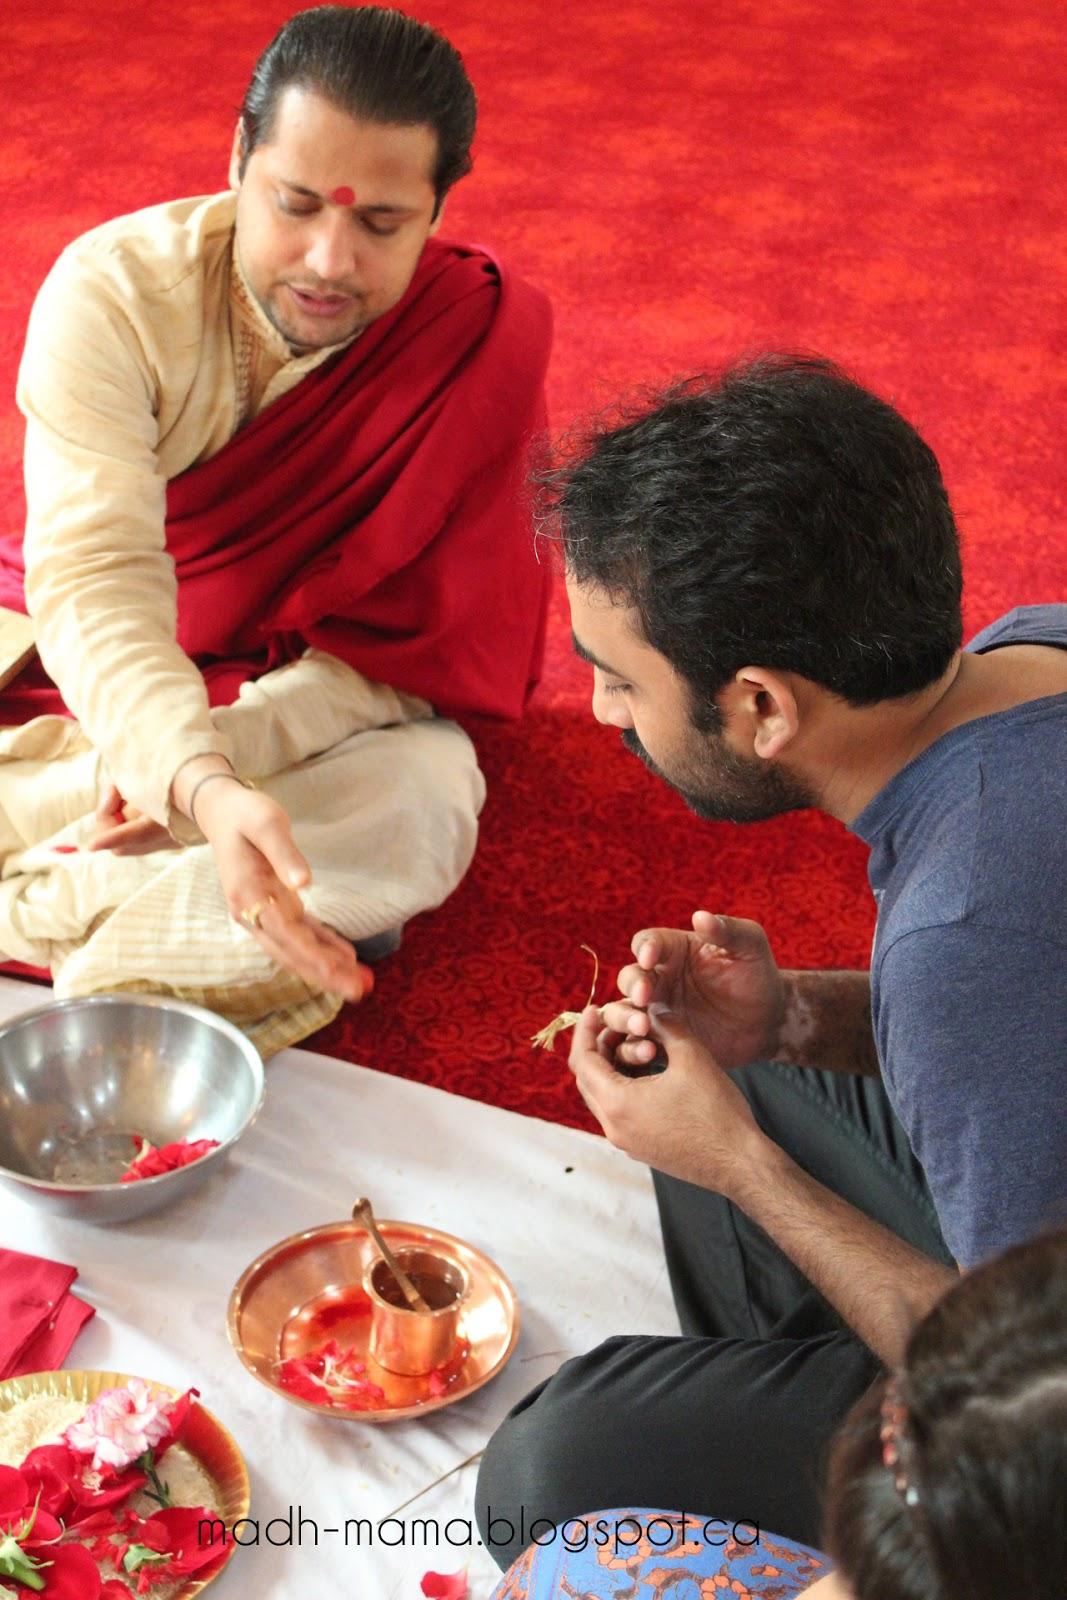 m.k.thyagaraja bhagavathar songs lyricsm k thyagaraja bhagavathar songs, m k thyagaraja bhagavathar wiki, m k thyagaraja bhagavathar movies, m k thyagaraja bhagavathar wife, m.k.thyagaraja bhagavathar hits, m.k.thyagaraja bhagavathar photos, m.k.thyagaraja bhagavathar songs lyrics, m k thyagaraja bhagavathar video songs, m k thyagaraja bhagavathar house, m. k. thyagaraja bhagavathar death, m k thyagaraja bhagavathar padal